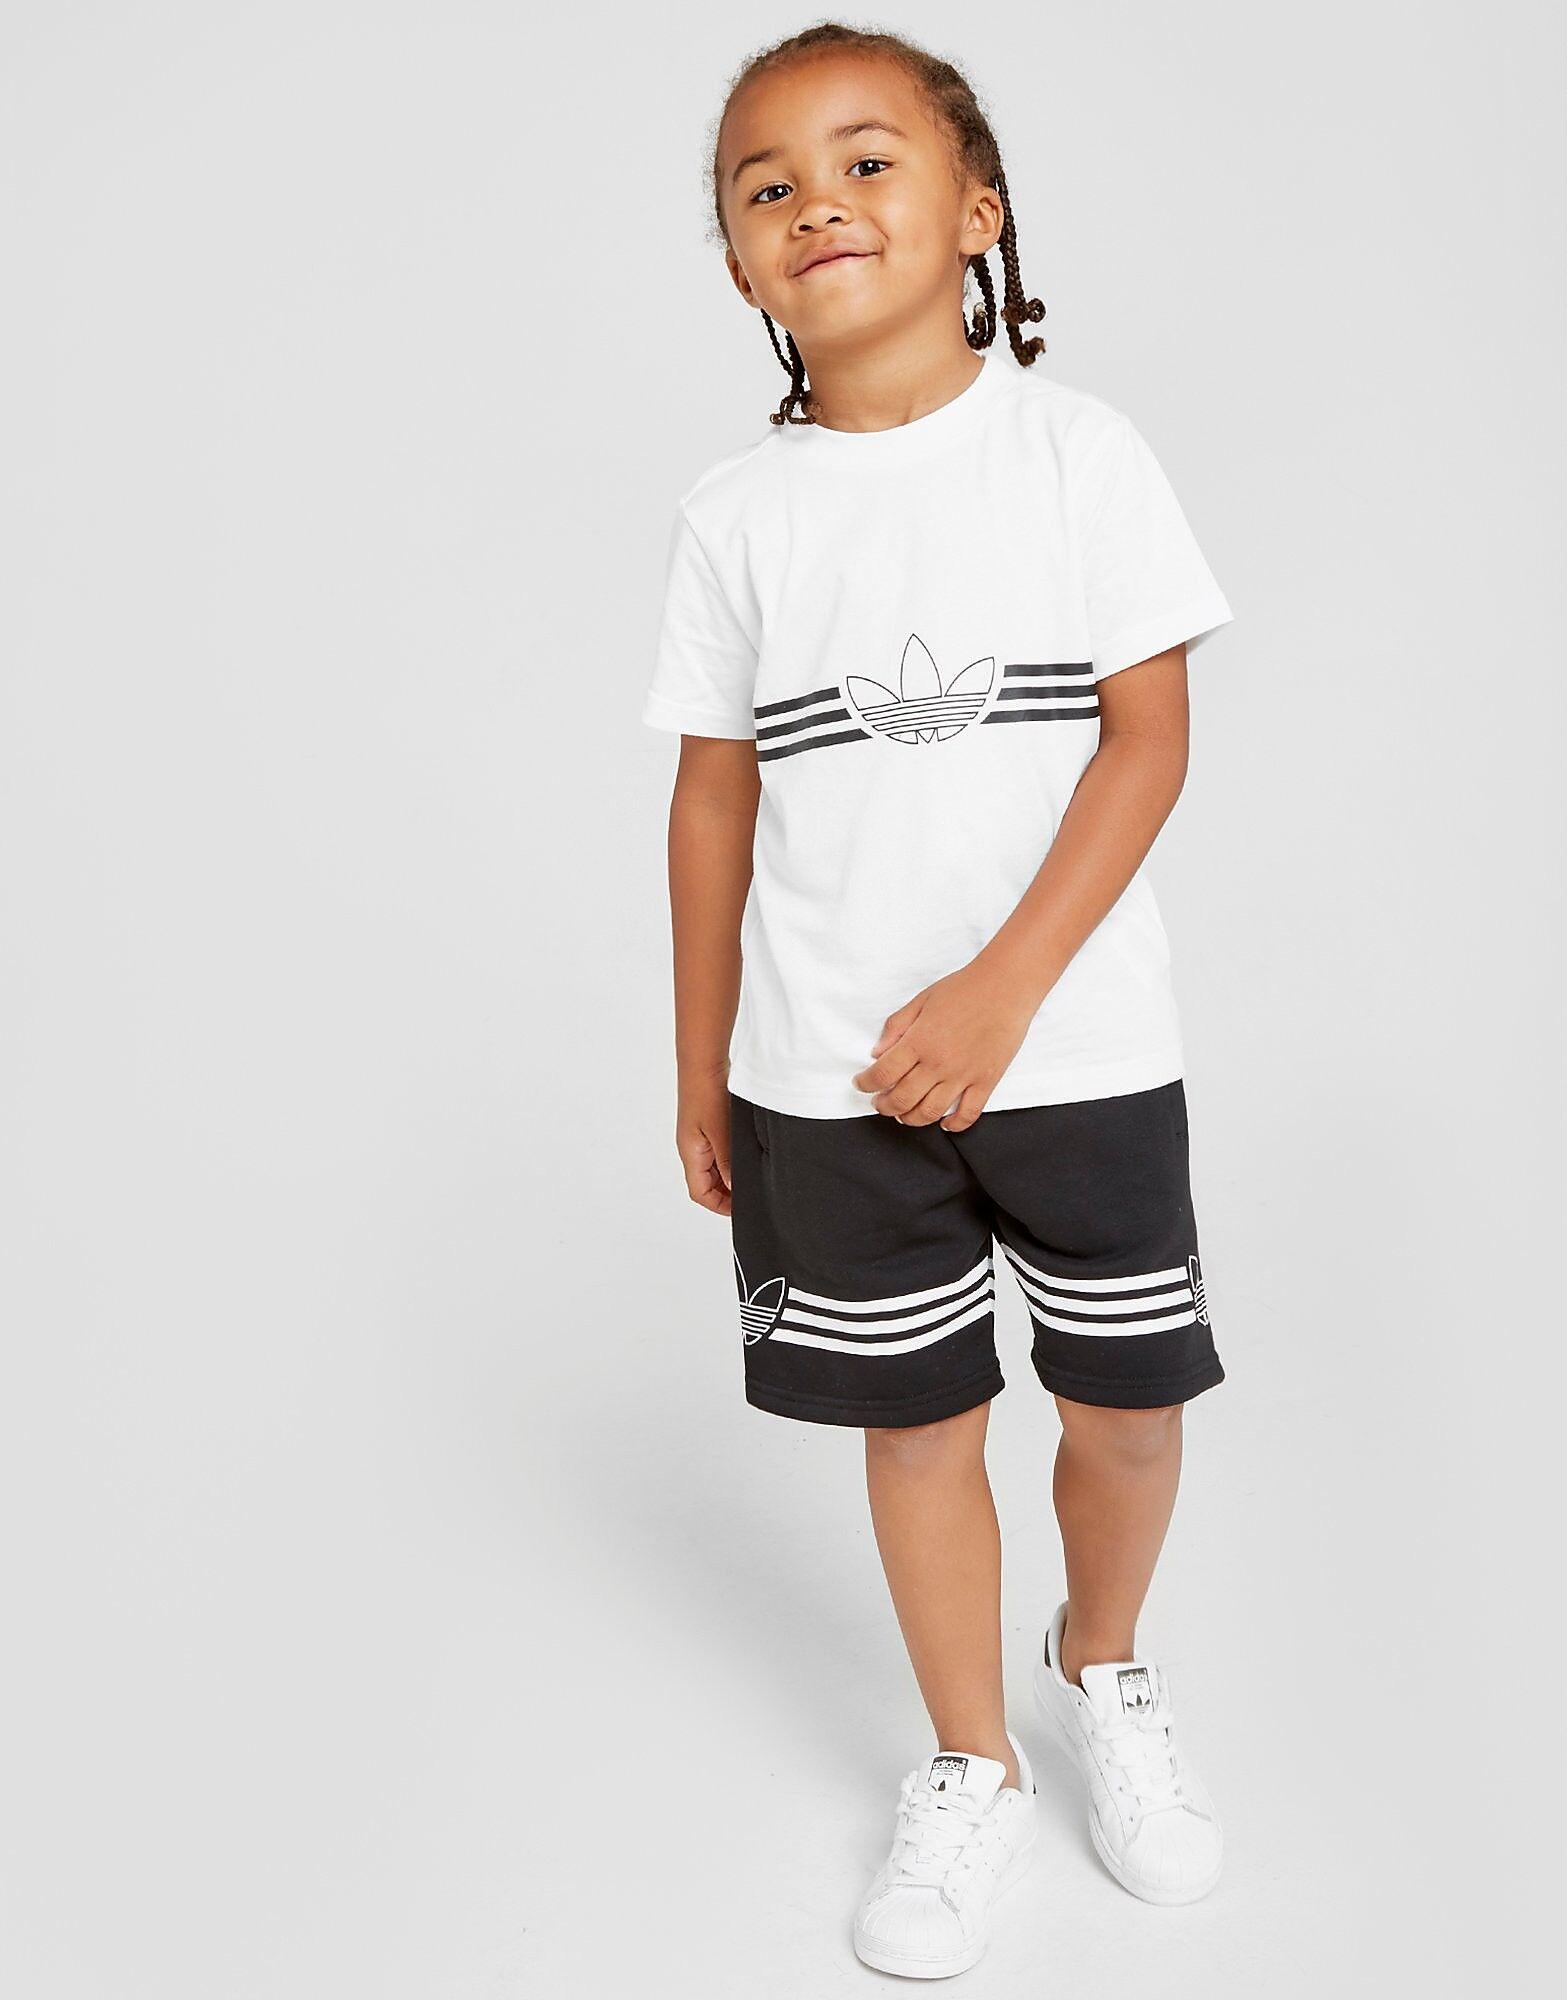 Image of Adidas Originals Outline T-paita/Shortsit Setti Lapset - Kids, Valkoinen